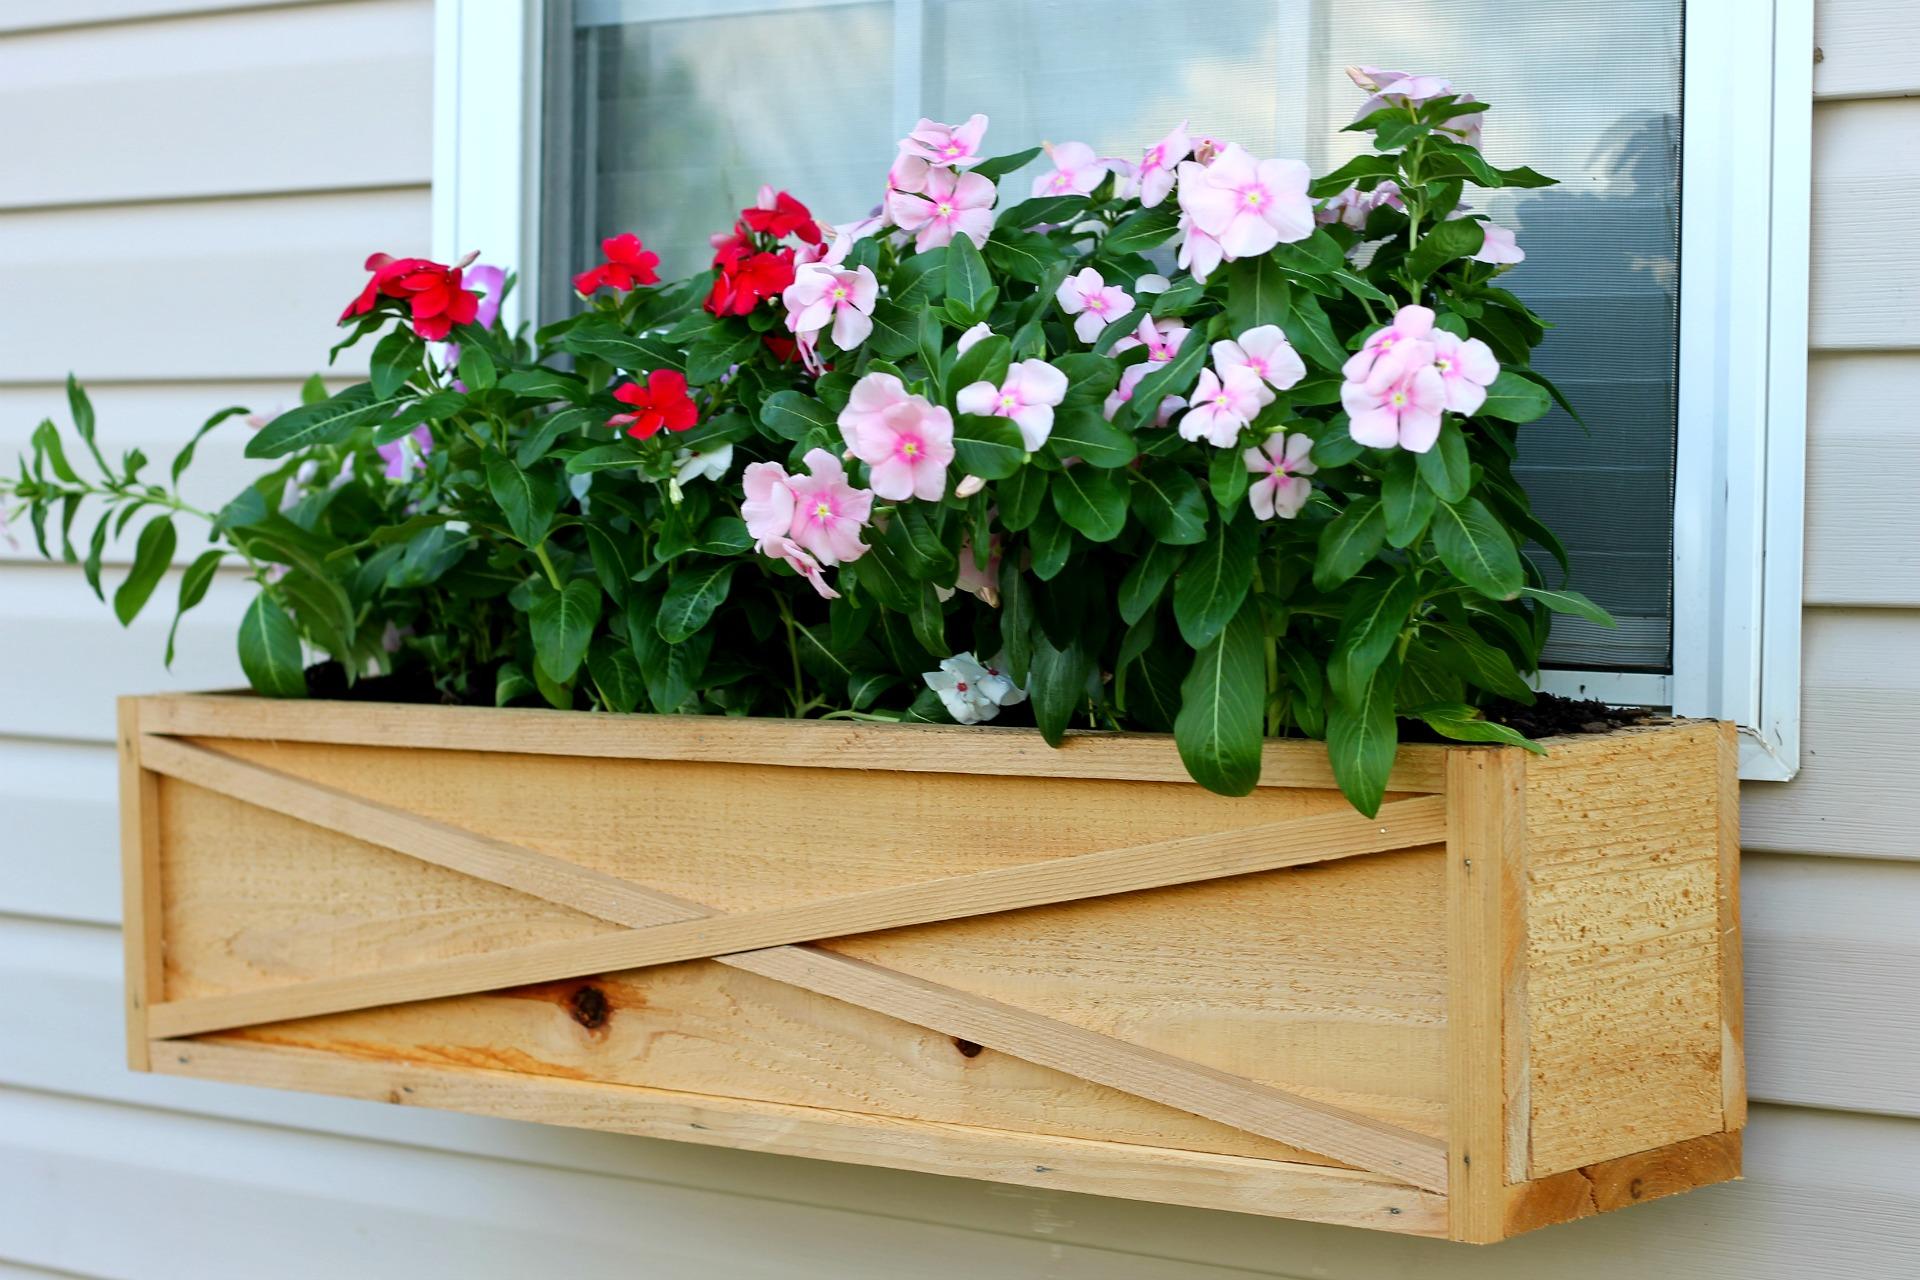 & How to Build a Cedar Window Box Planter